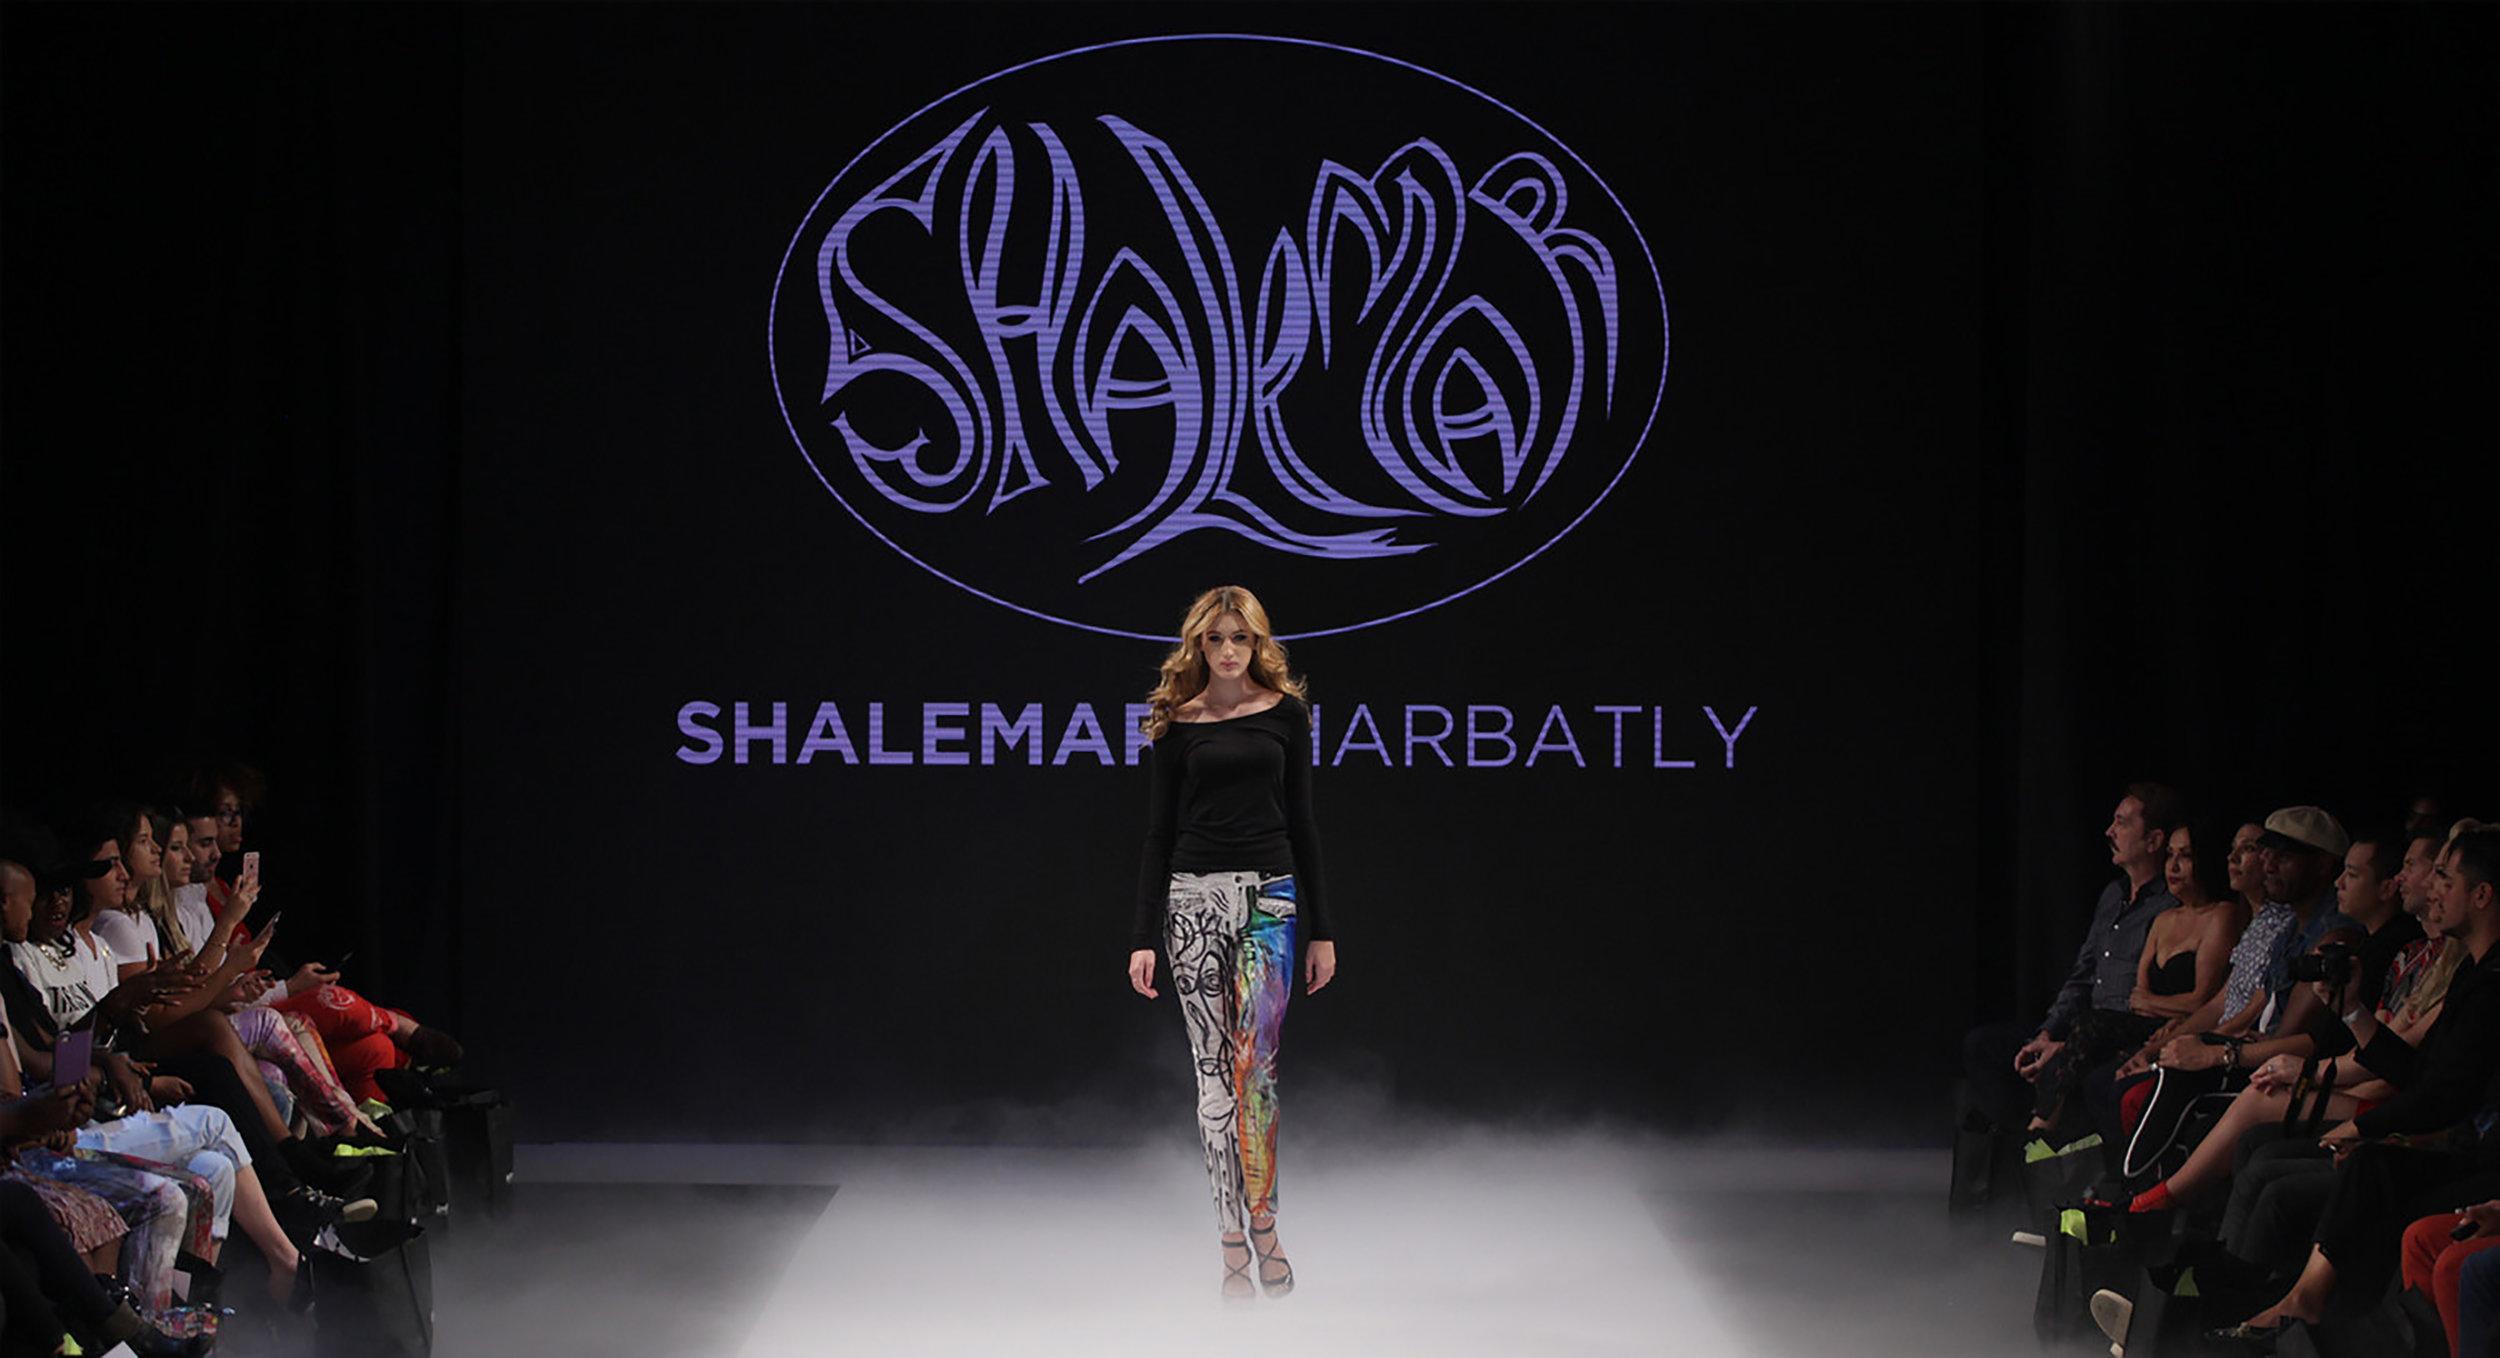 Shalemar